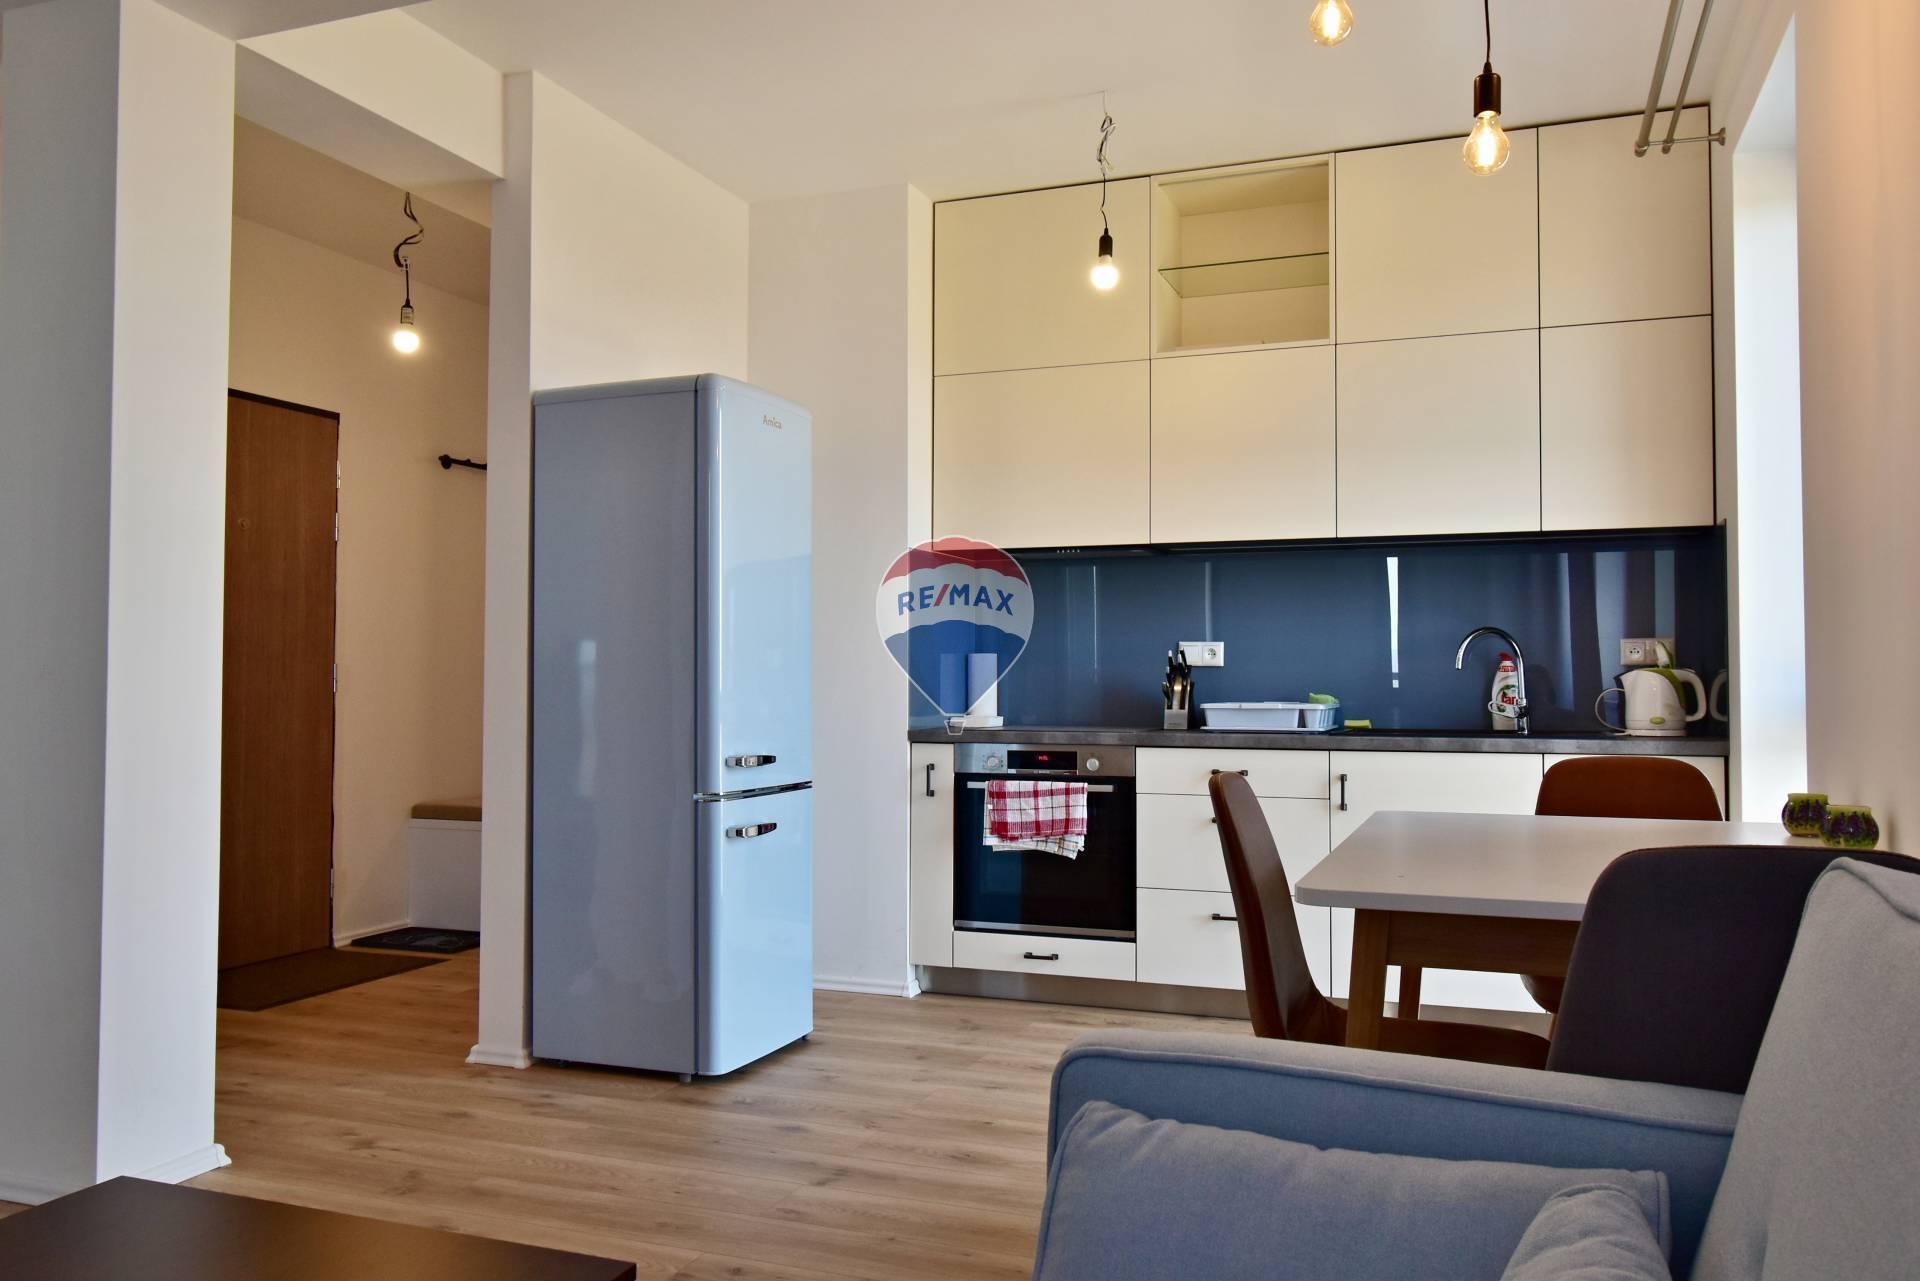 Prenájom bytu (2 izbový) 51 m2, Košice - Vyšné Opátske - 2-izbový byt, prenájom